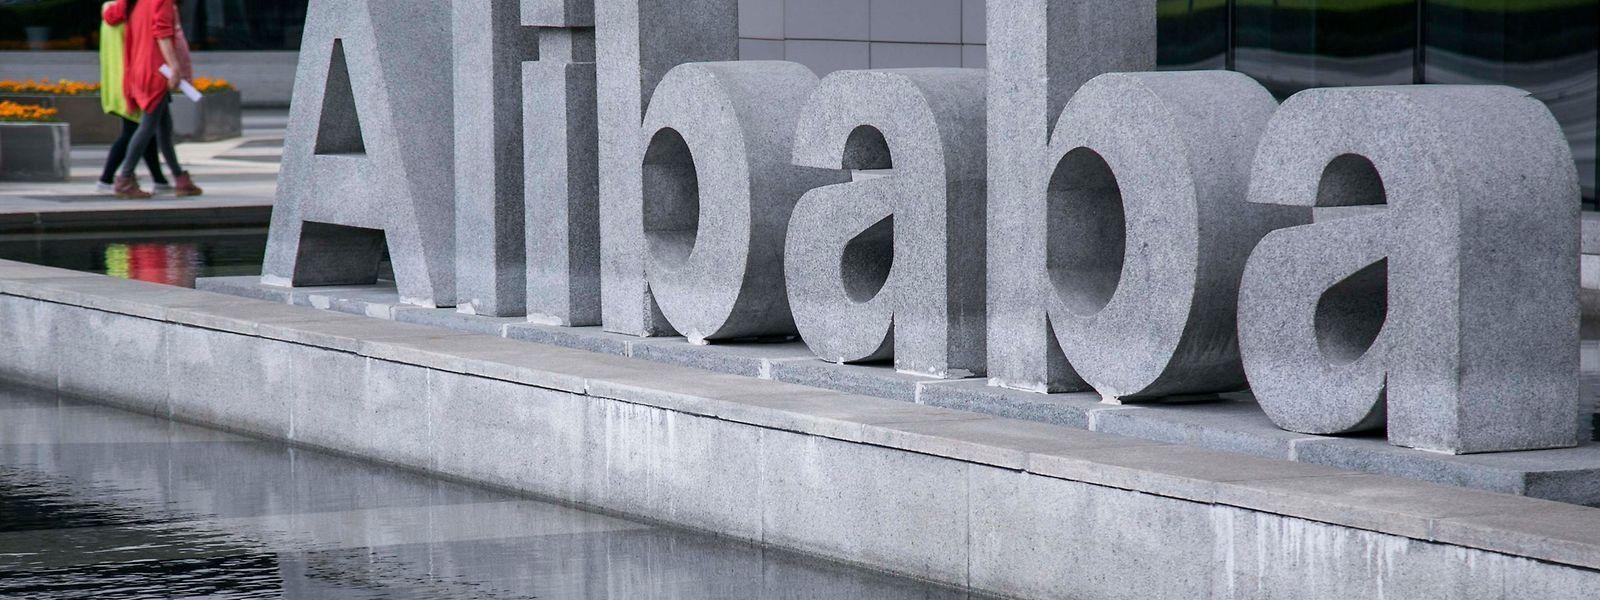 Die Alibaba-Gruppe zählt weltweit 654 Millionen aktive Verbraucher.